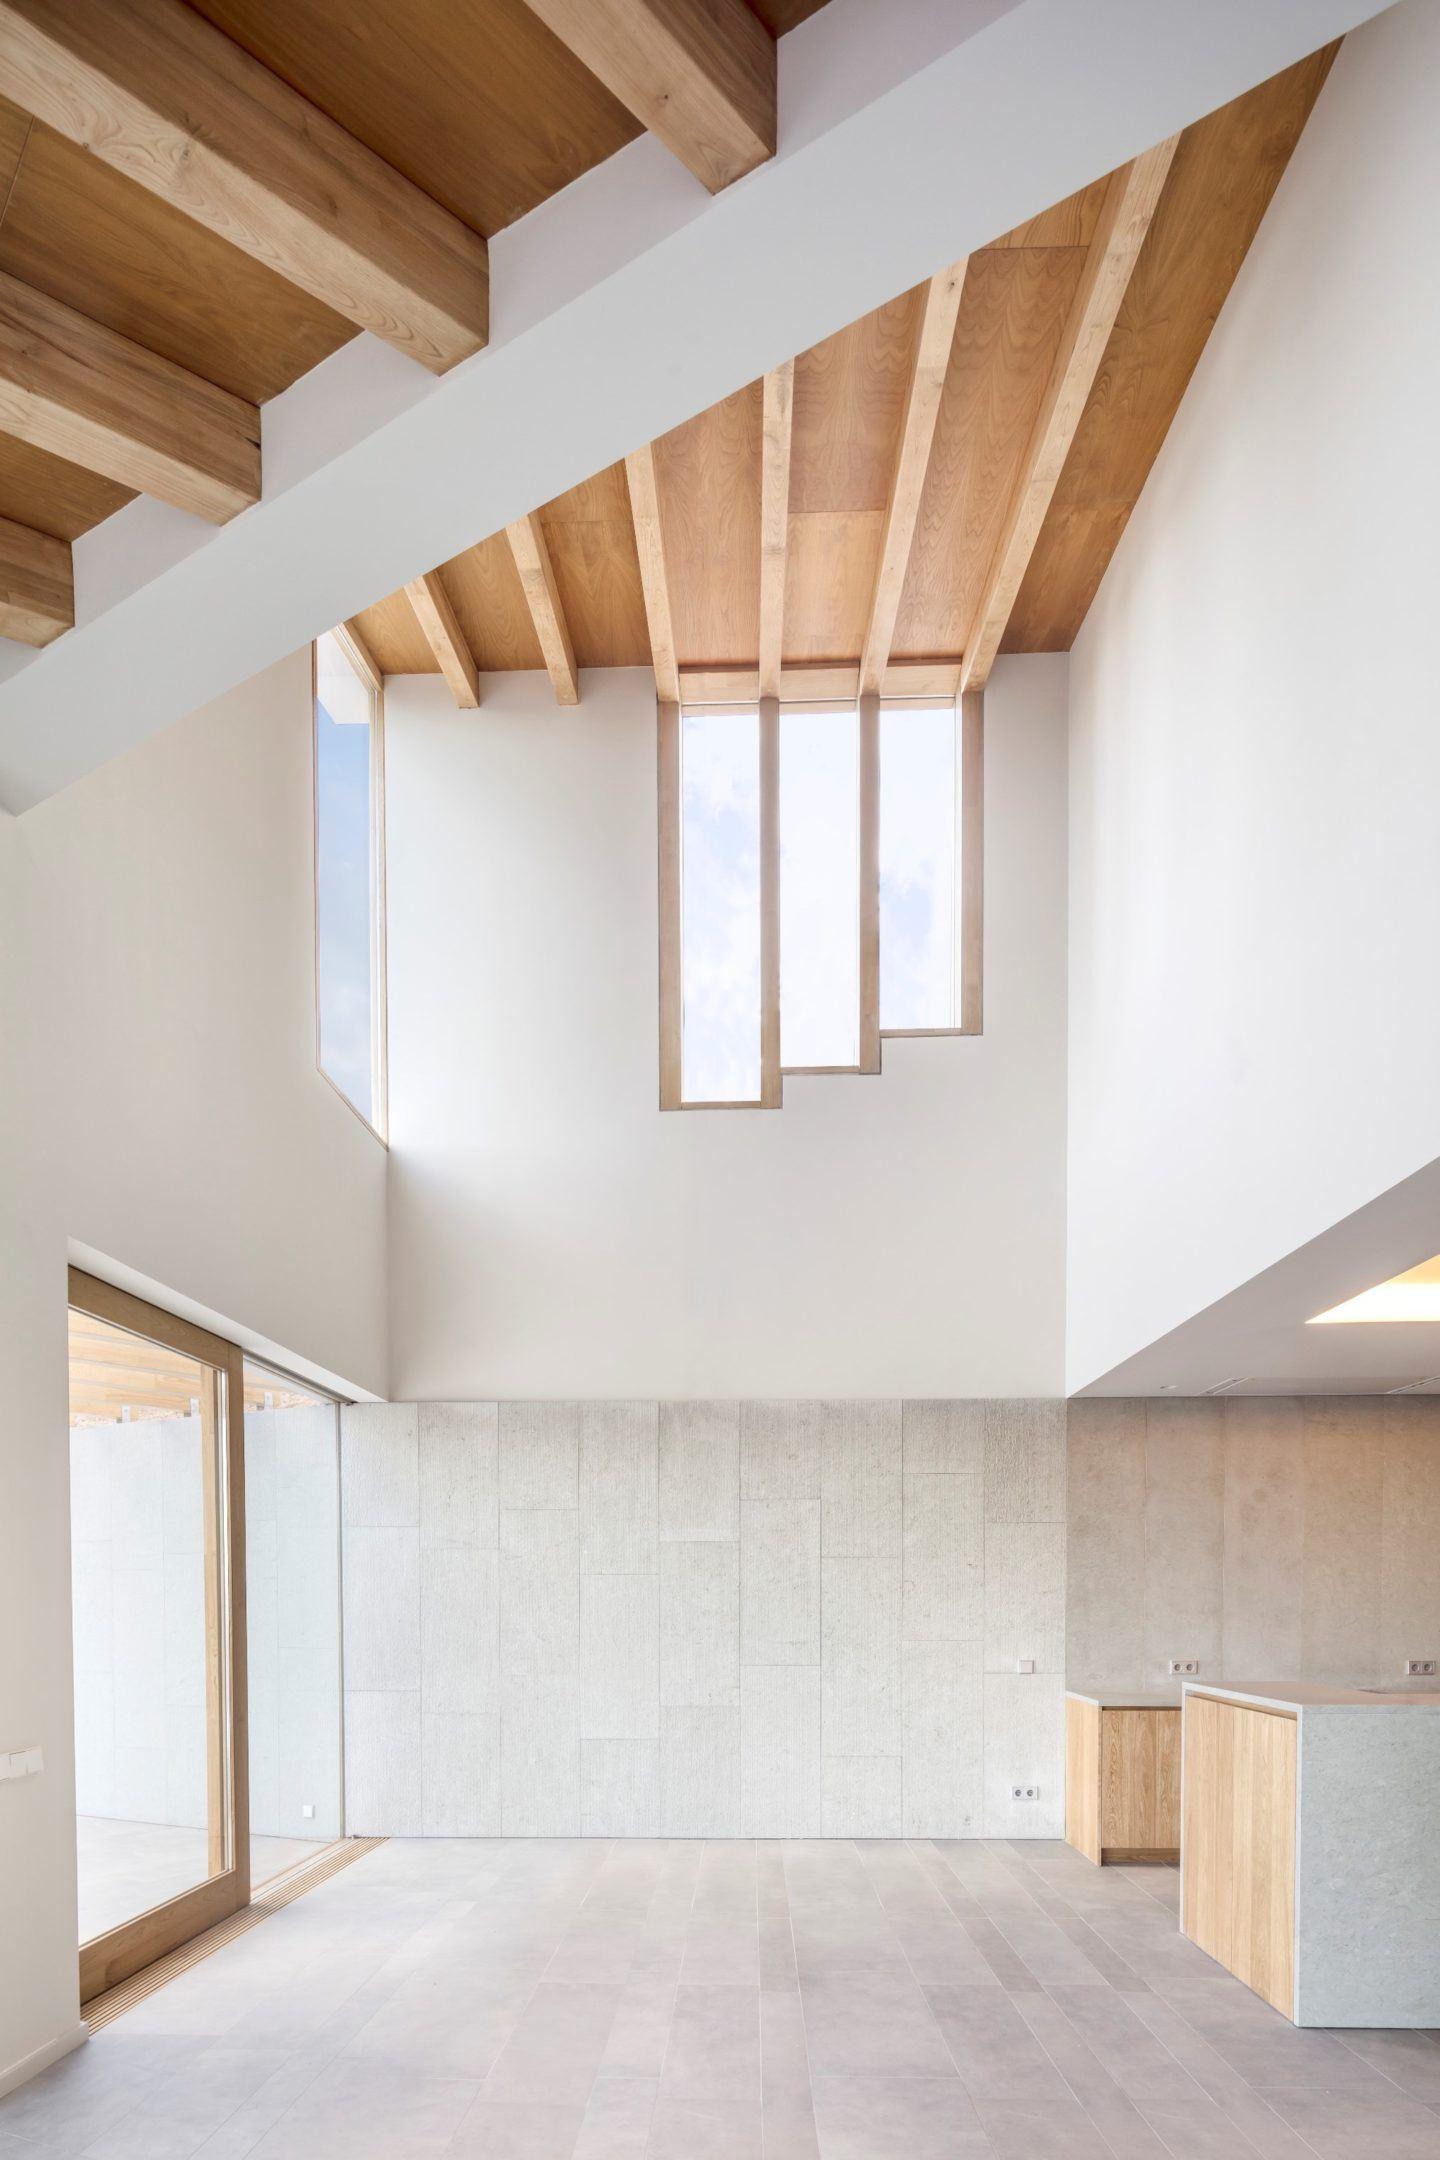 IGNANT-Architecture-5AM-Arquitectura-House-In-Tamariu-009